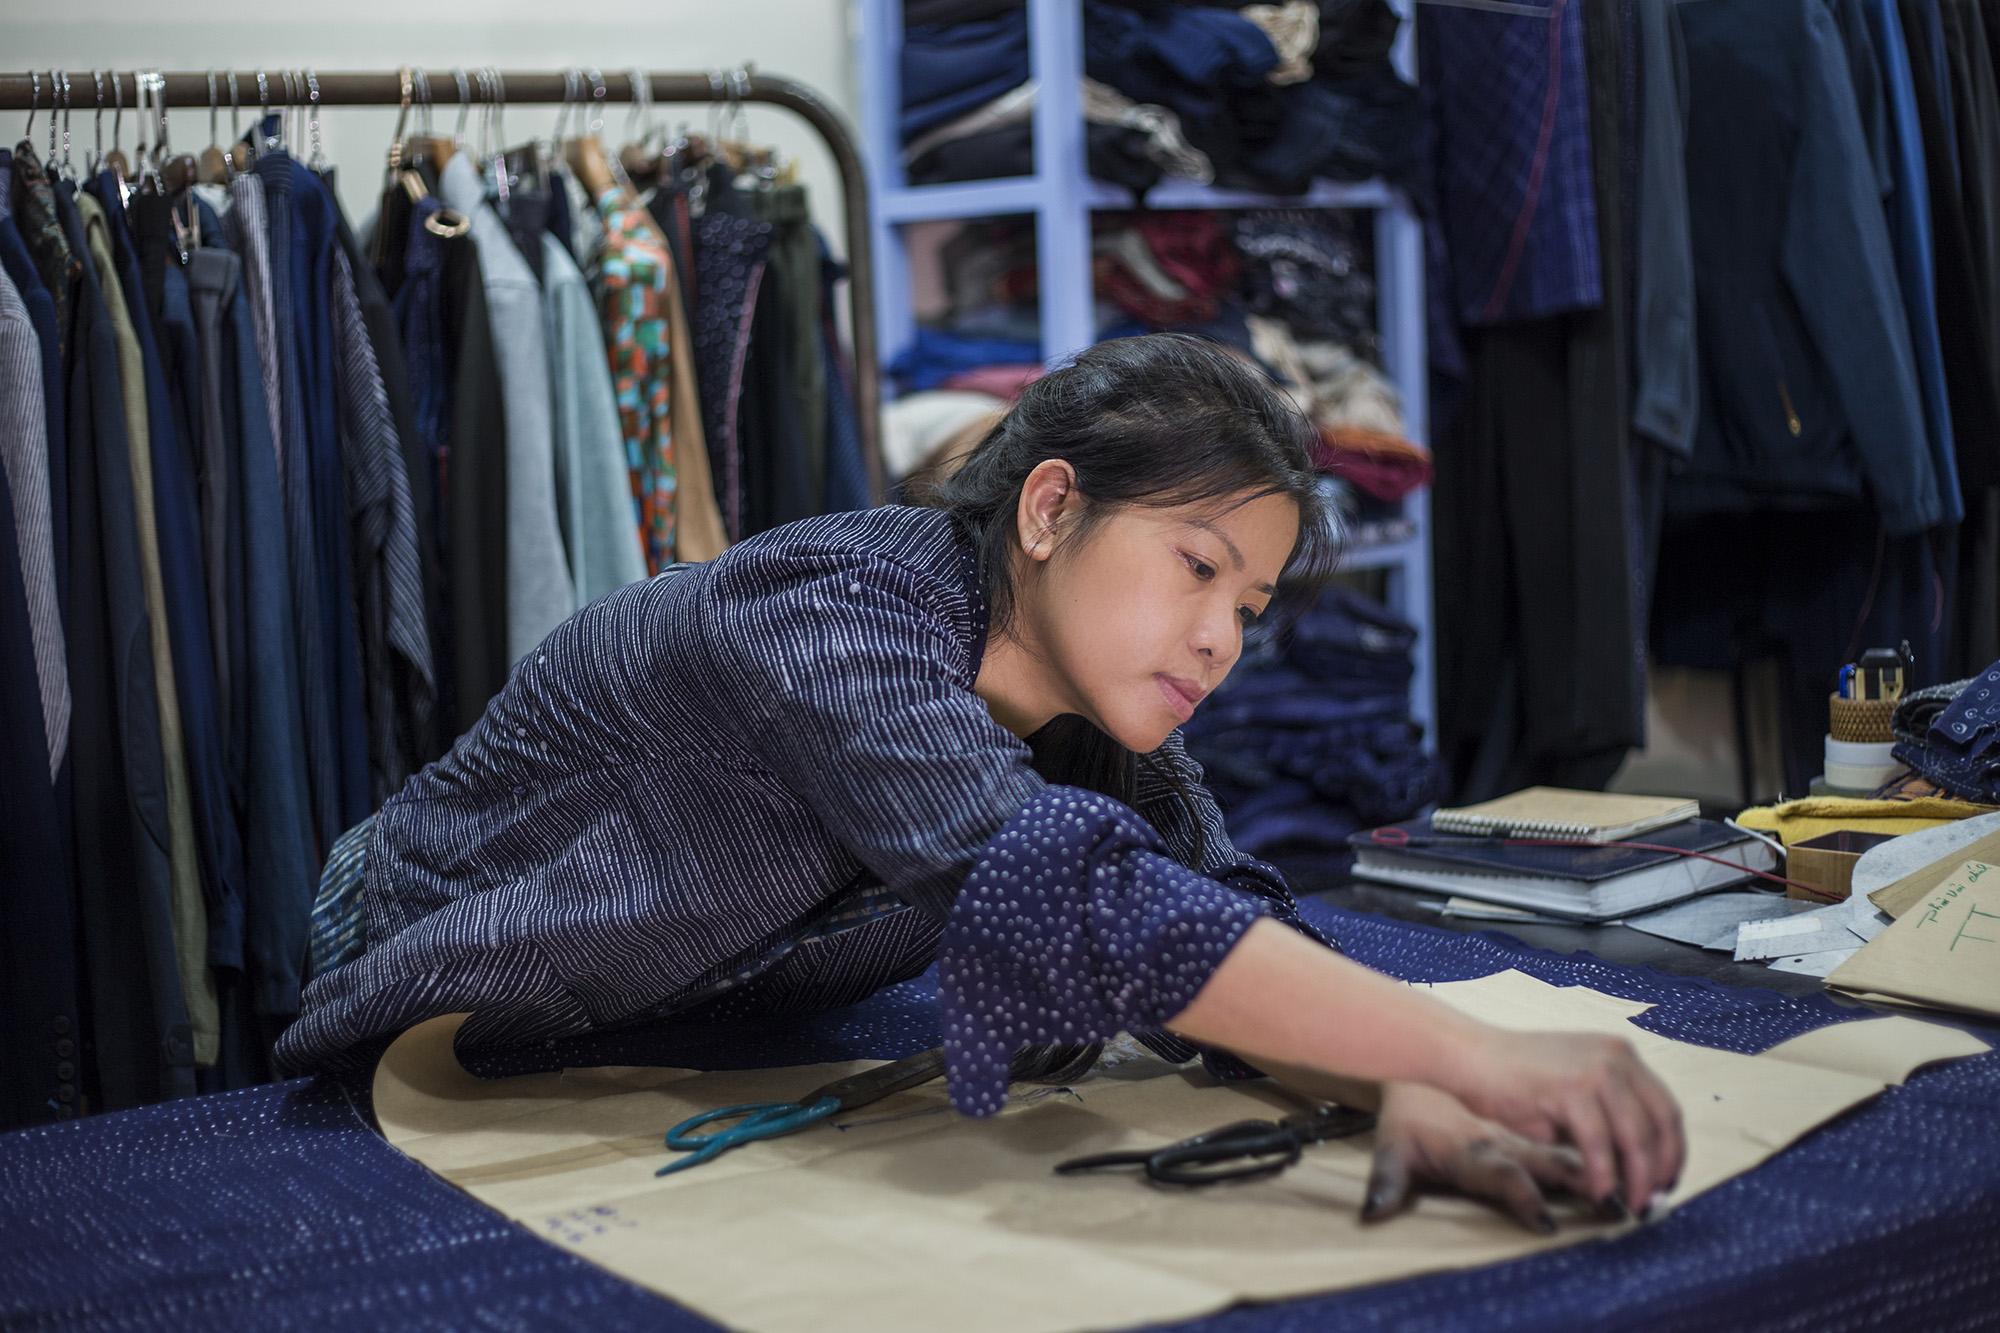 NTK Vũ Thảo: Thổ Cẩm là cách gọi lười nhác, mang tính quy chụp và làm mất đi tính đa dạng của văn hoá chất liệu Việt